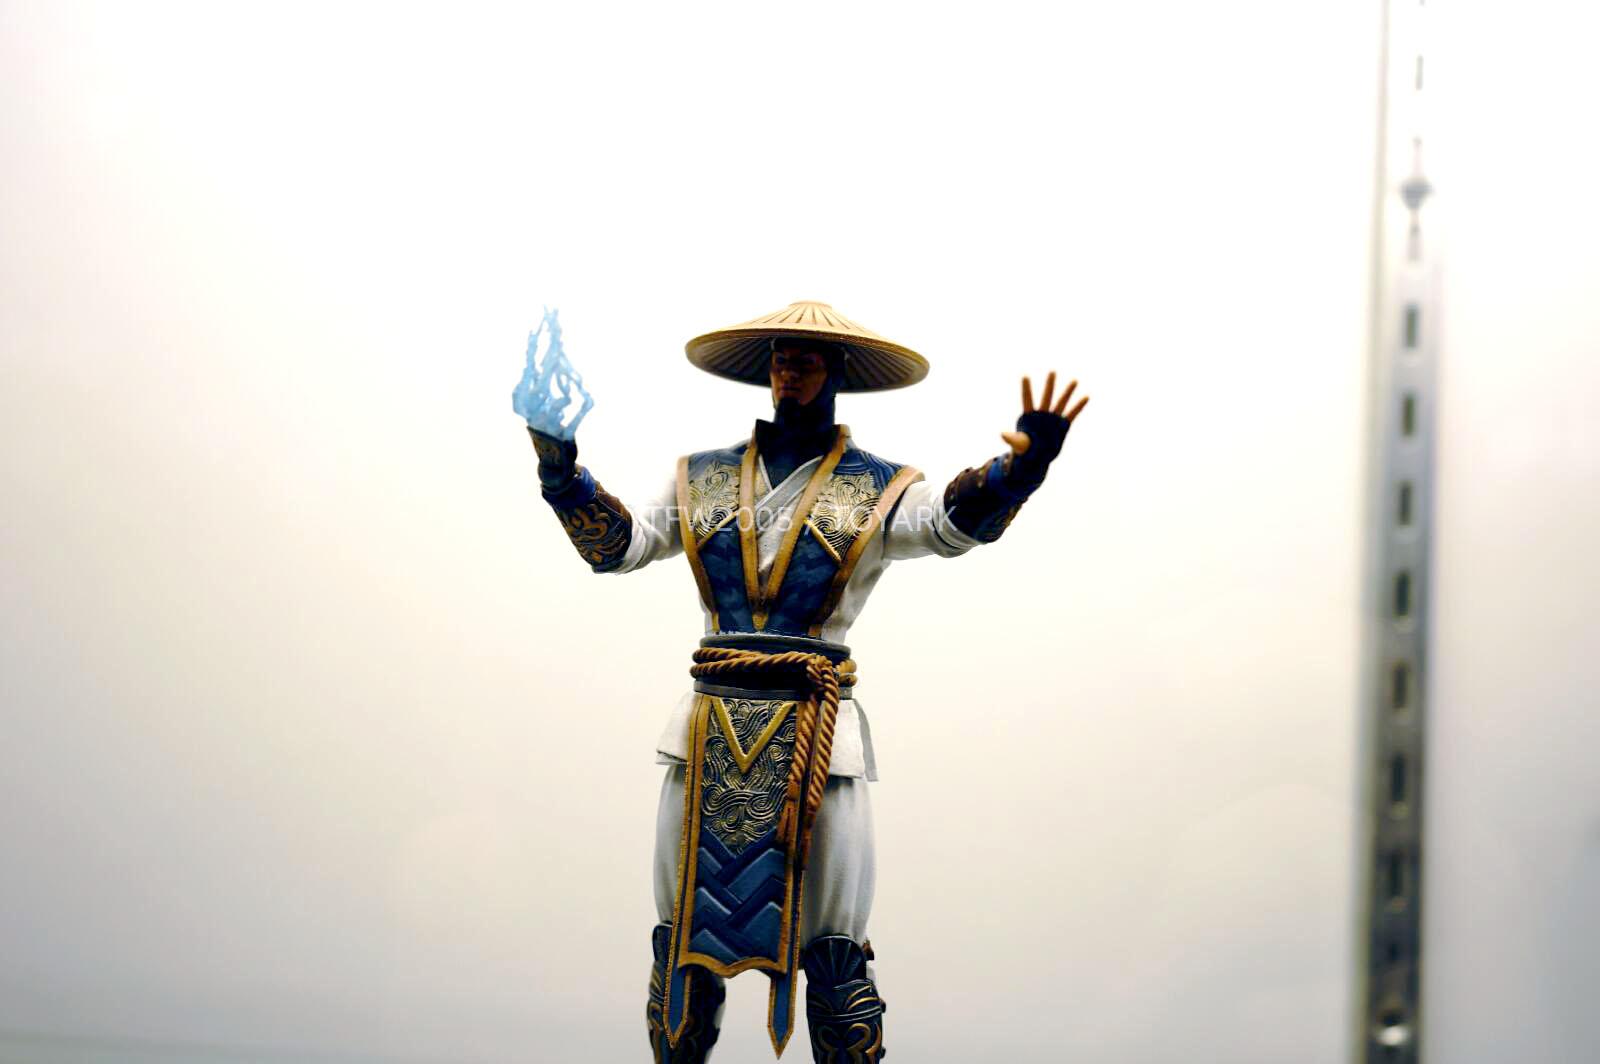 [NYCC 2014] MEZCO - 6-Inch Mortal Kombat X Figures NYCC-2014-Mezco-Mortal-Kombat-X-015